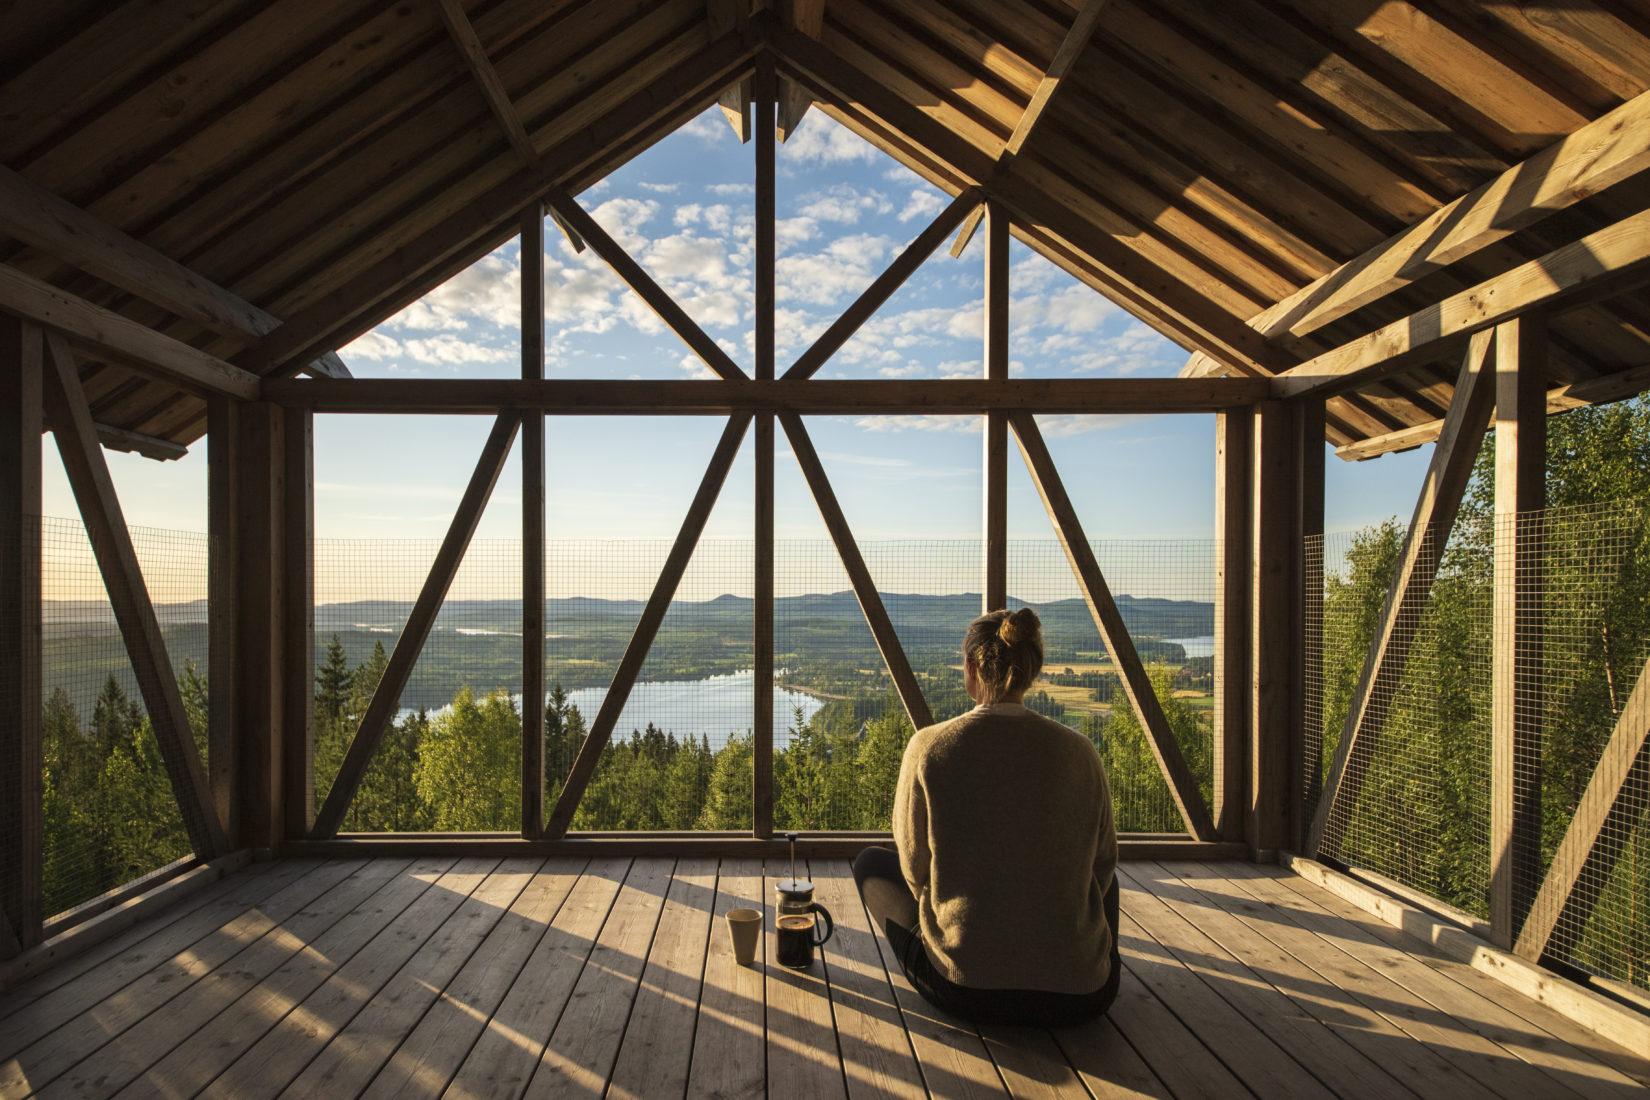 En kvinna sitter med ryggen mot fotografen högt upp i ett hus av trä och tittar ut över skog och himmel